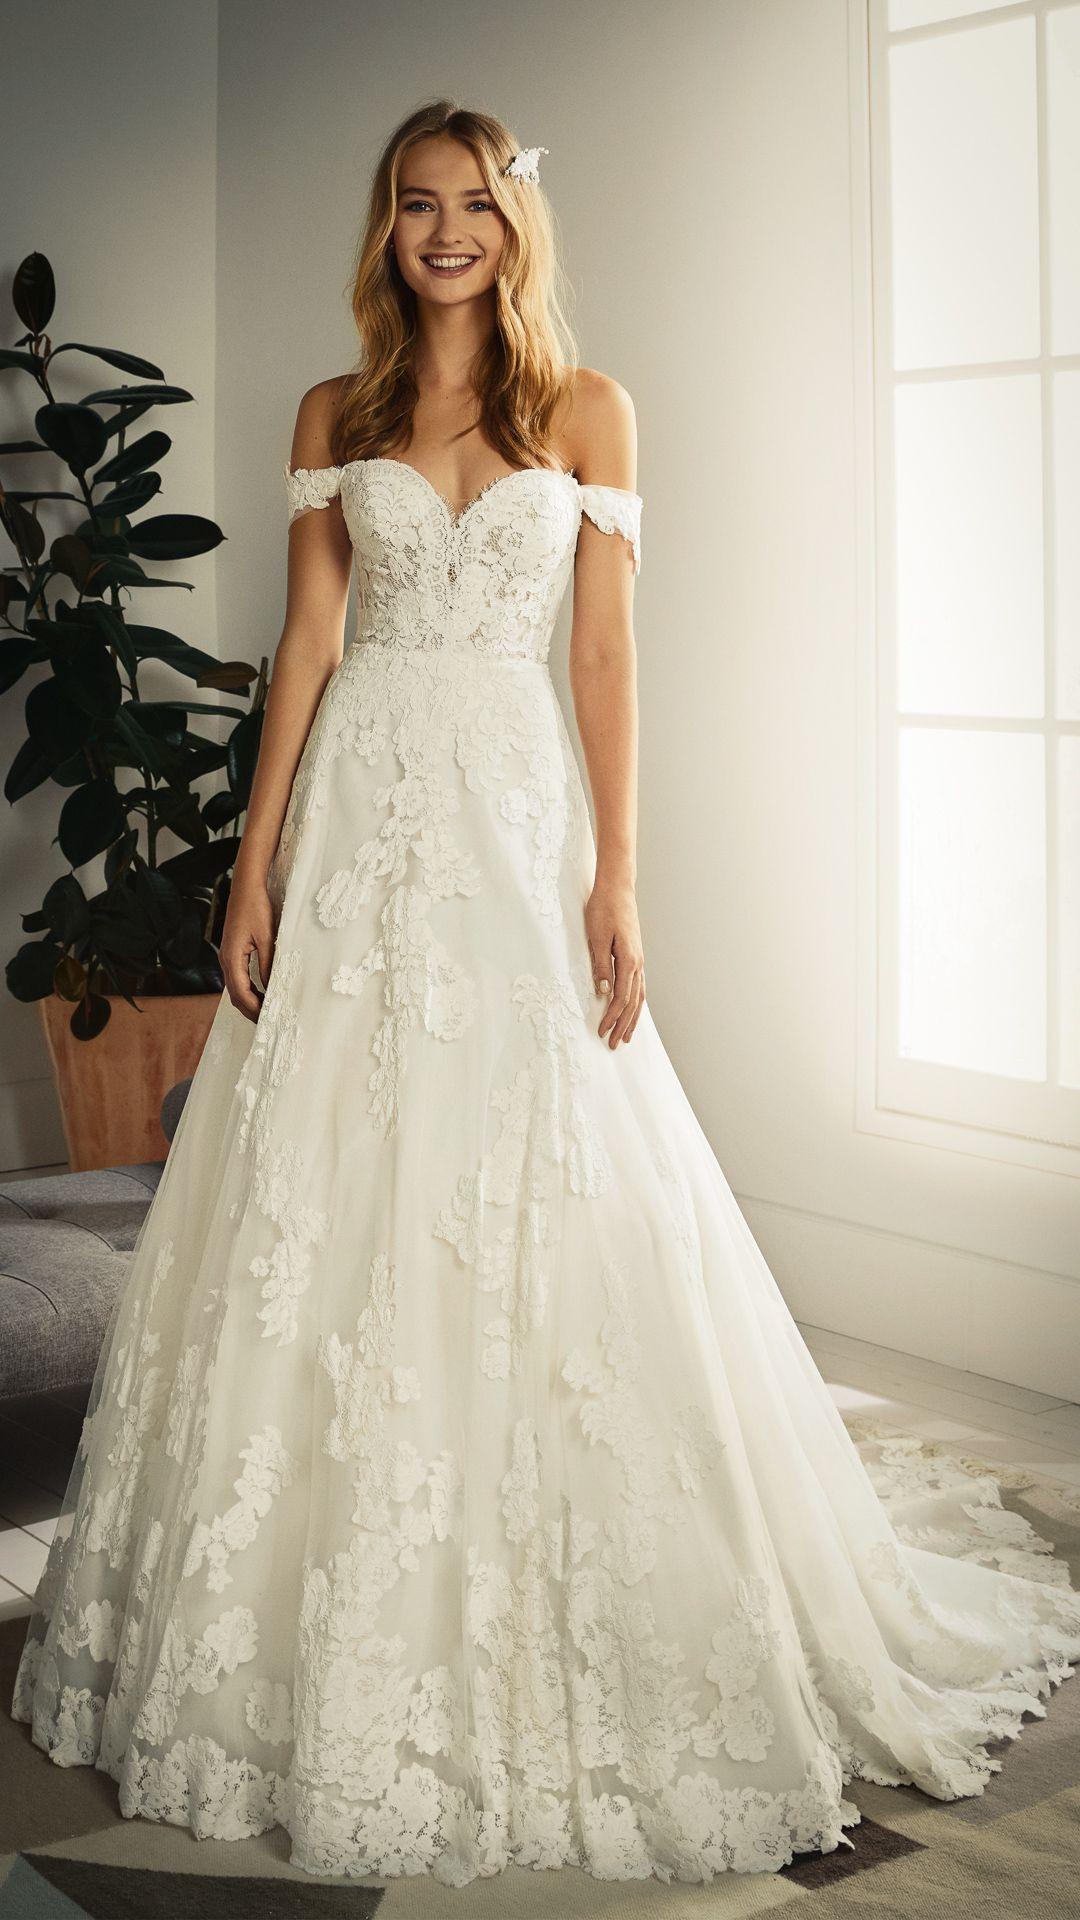 17 Genial Hochzeitskleider Vertrieb10 Genial Hochzeitskleider Ärmel